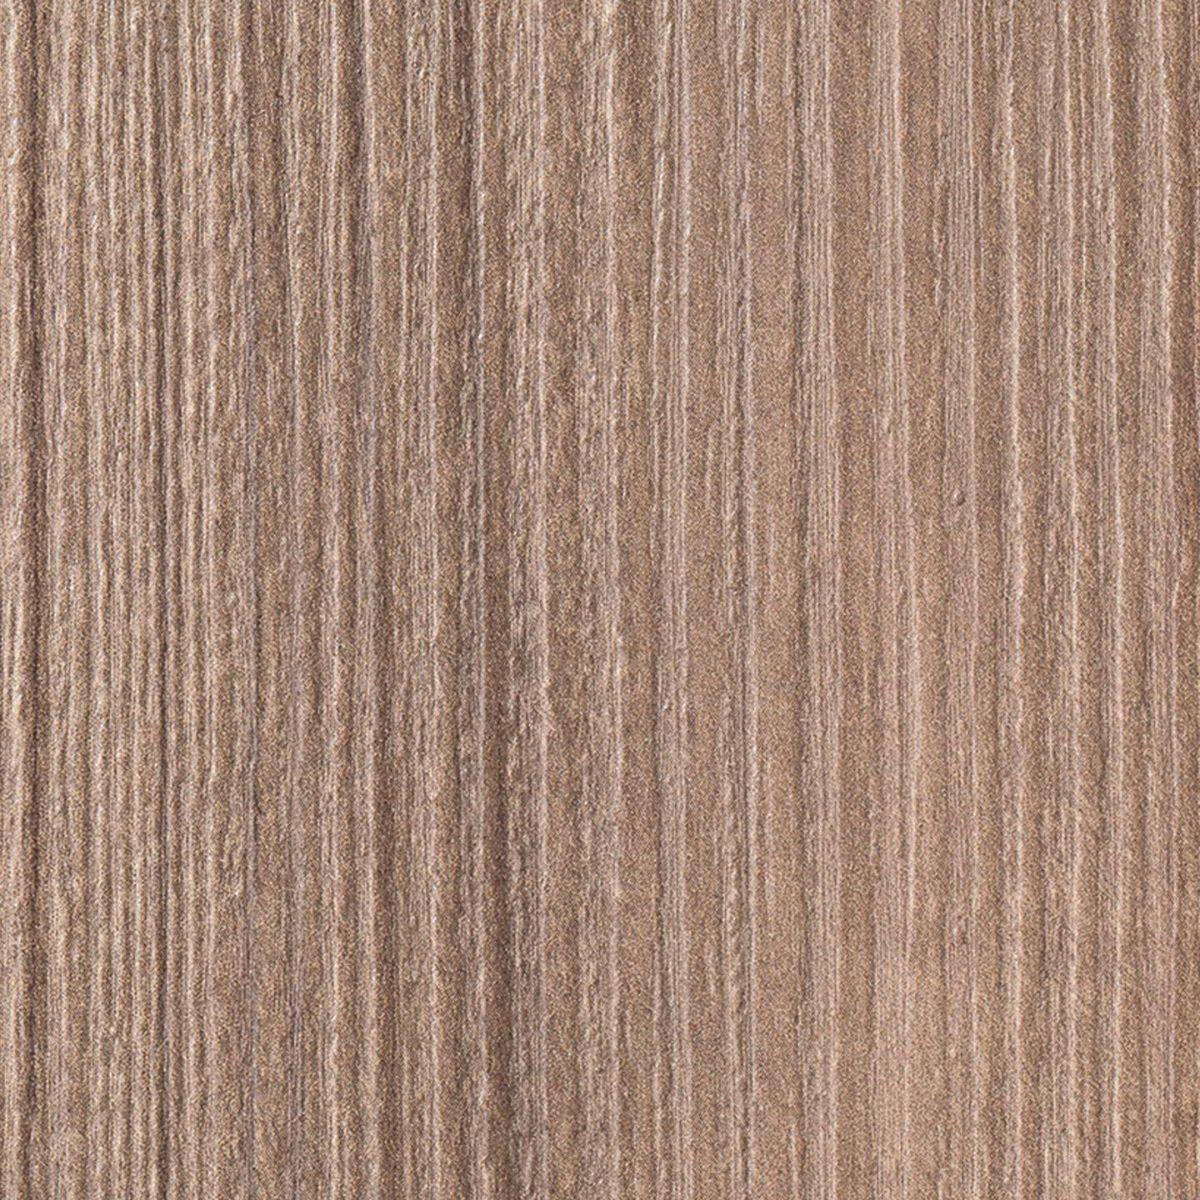 Finitura pannelli in ciliegio marbella matrix per parete in vetro